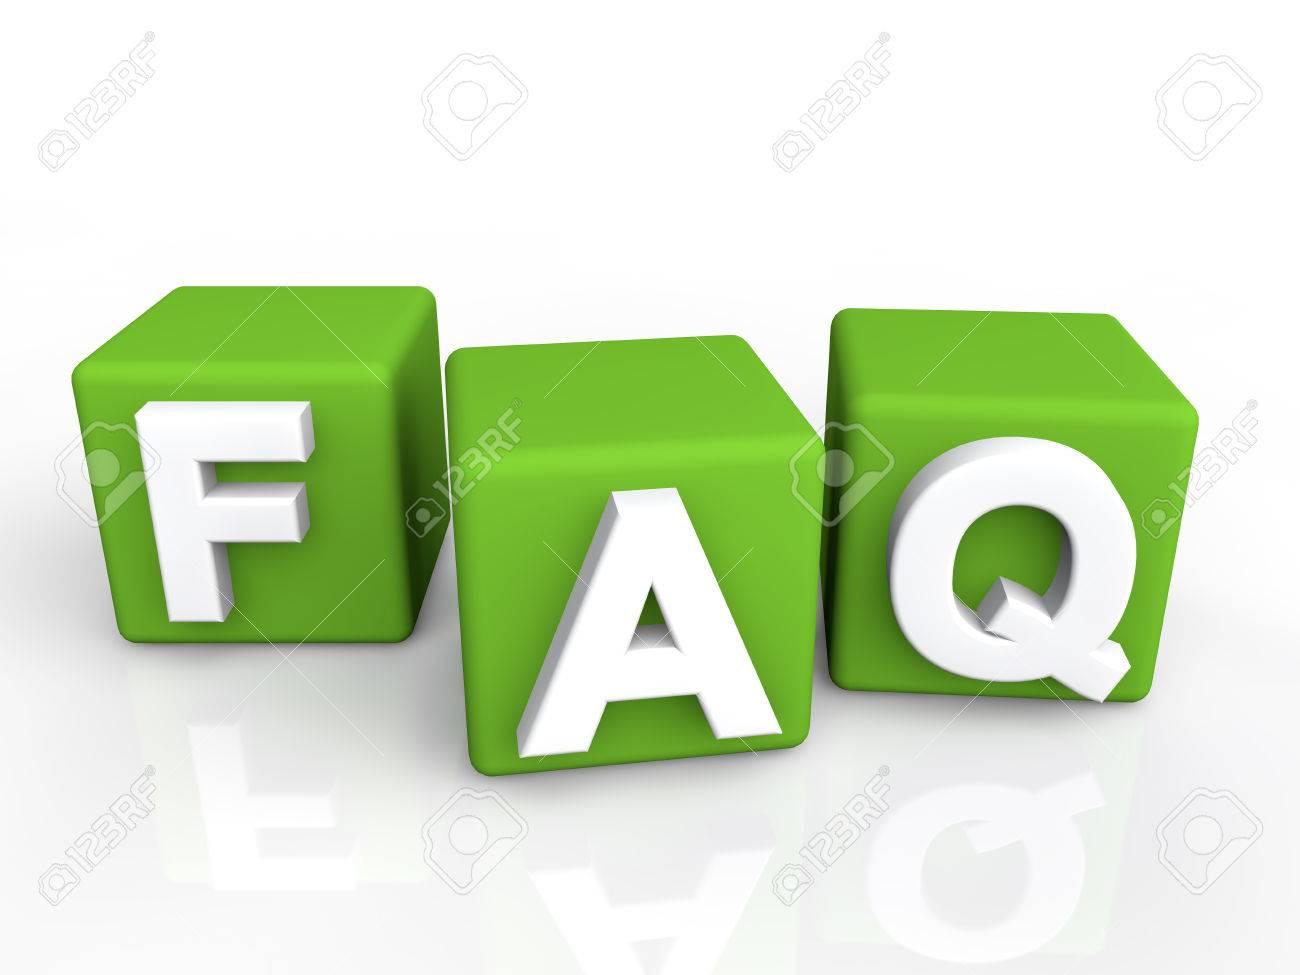 FAQ green cubes - 43384140